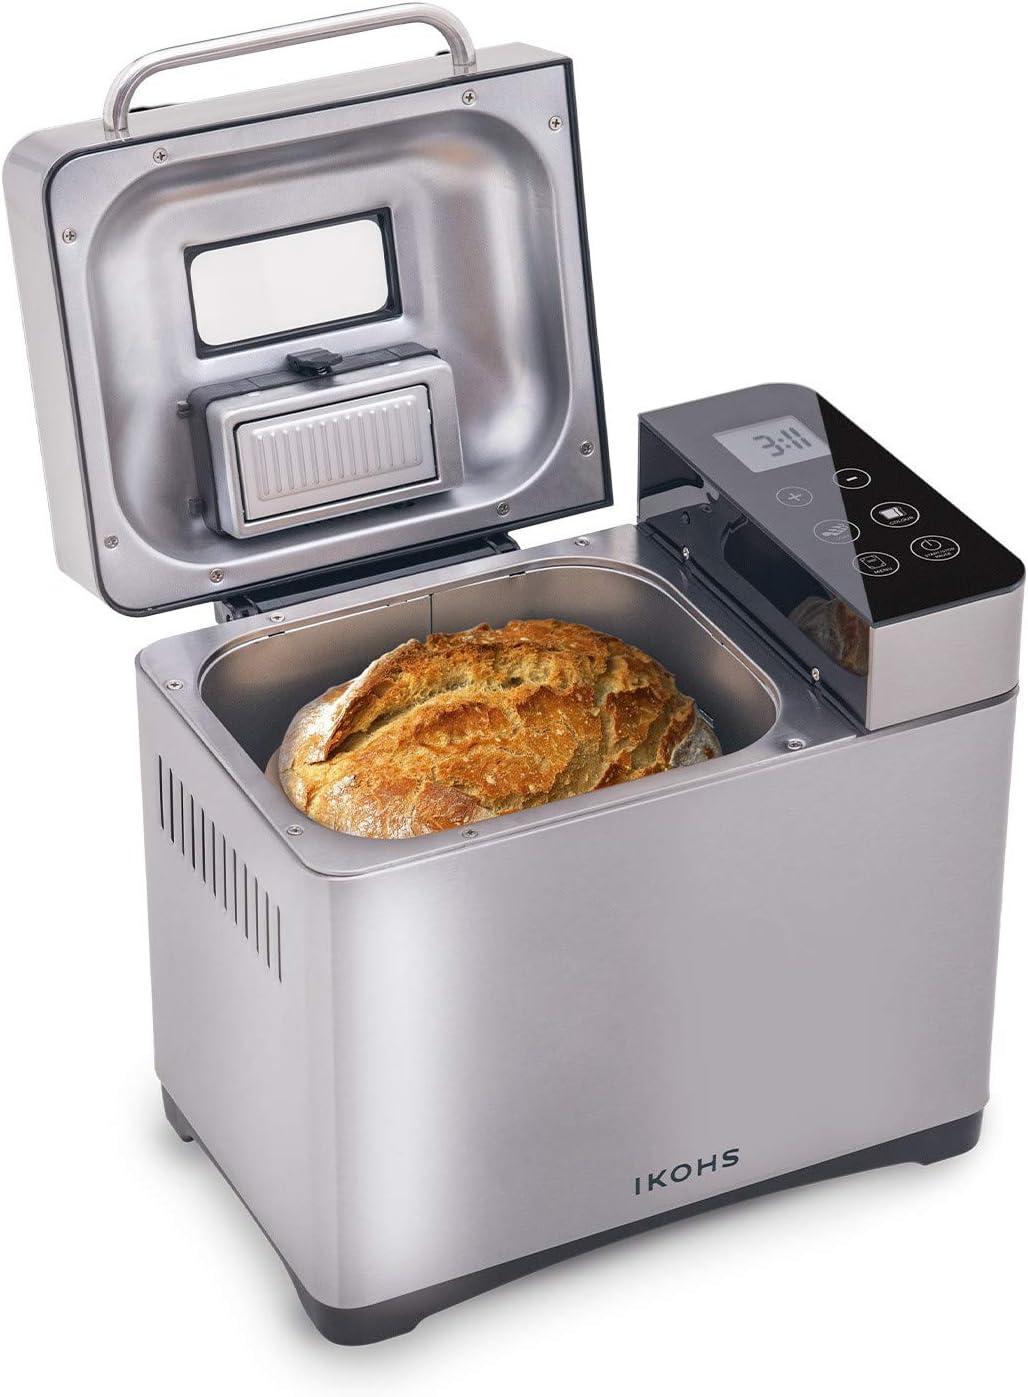 IKOHS Panificadora DEPAN 710-IK - Panificadora Automática, 750W, LCD, 17 Programas Automáticos para Bizcochos, Masas, Mermeladas,Yogur, Digital, Incluyen Accesorios, Capacidad de 900 Gramos (Gris)